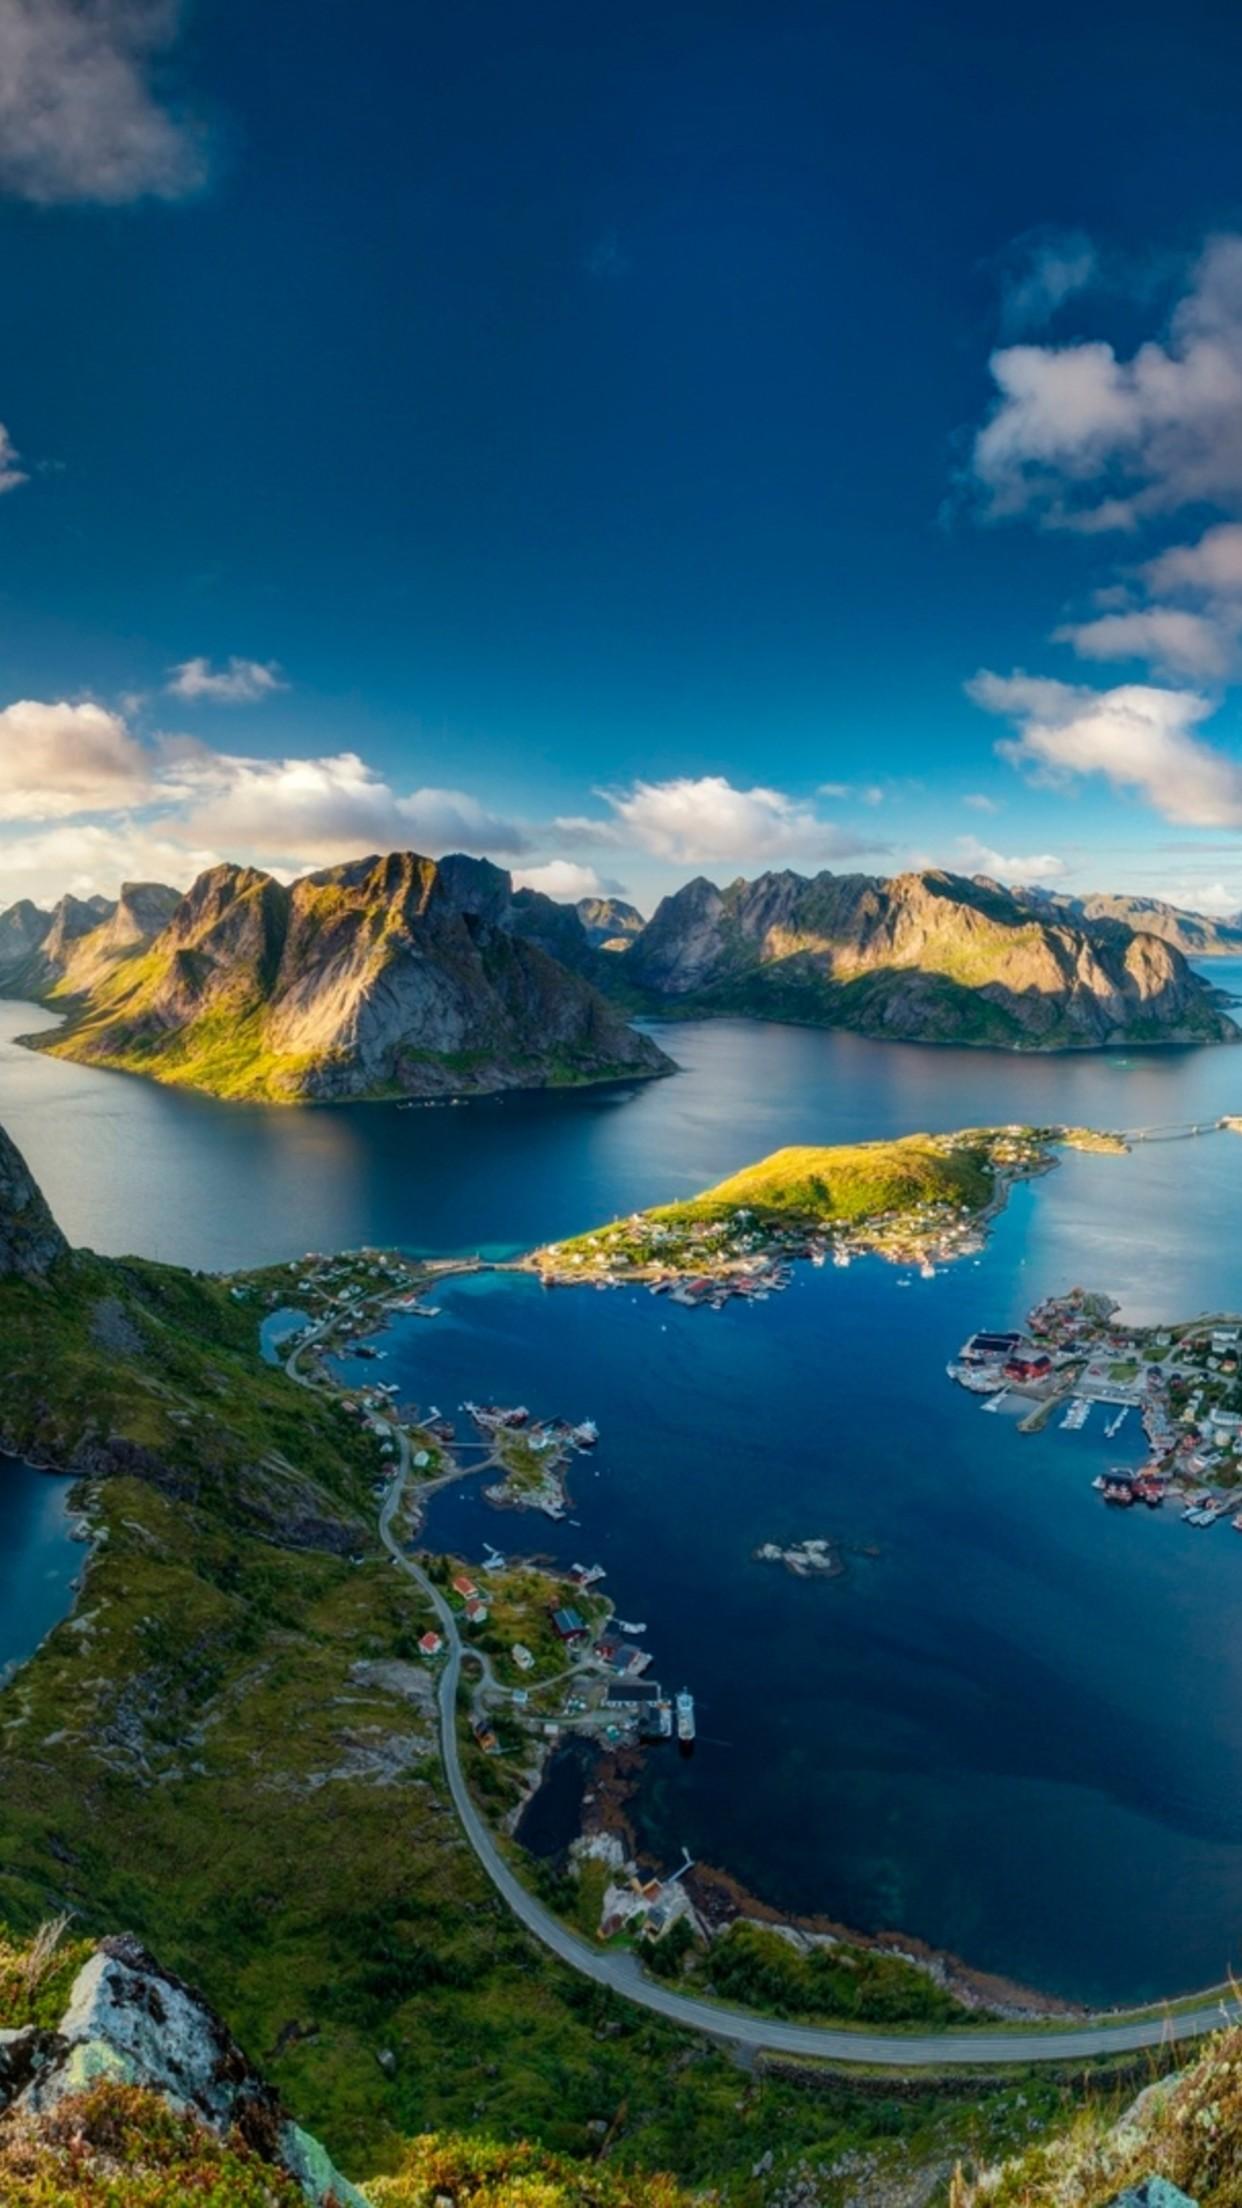 Download Wallpaper 1242x2208 Reinebringen Norway   Stunning landscape 1242x2208